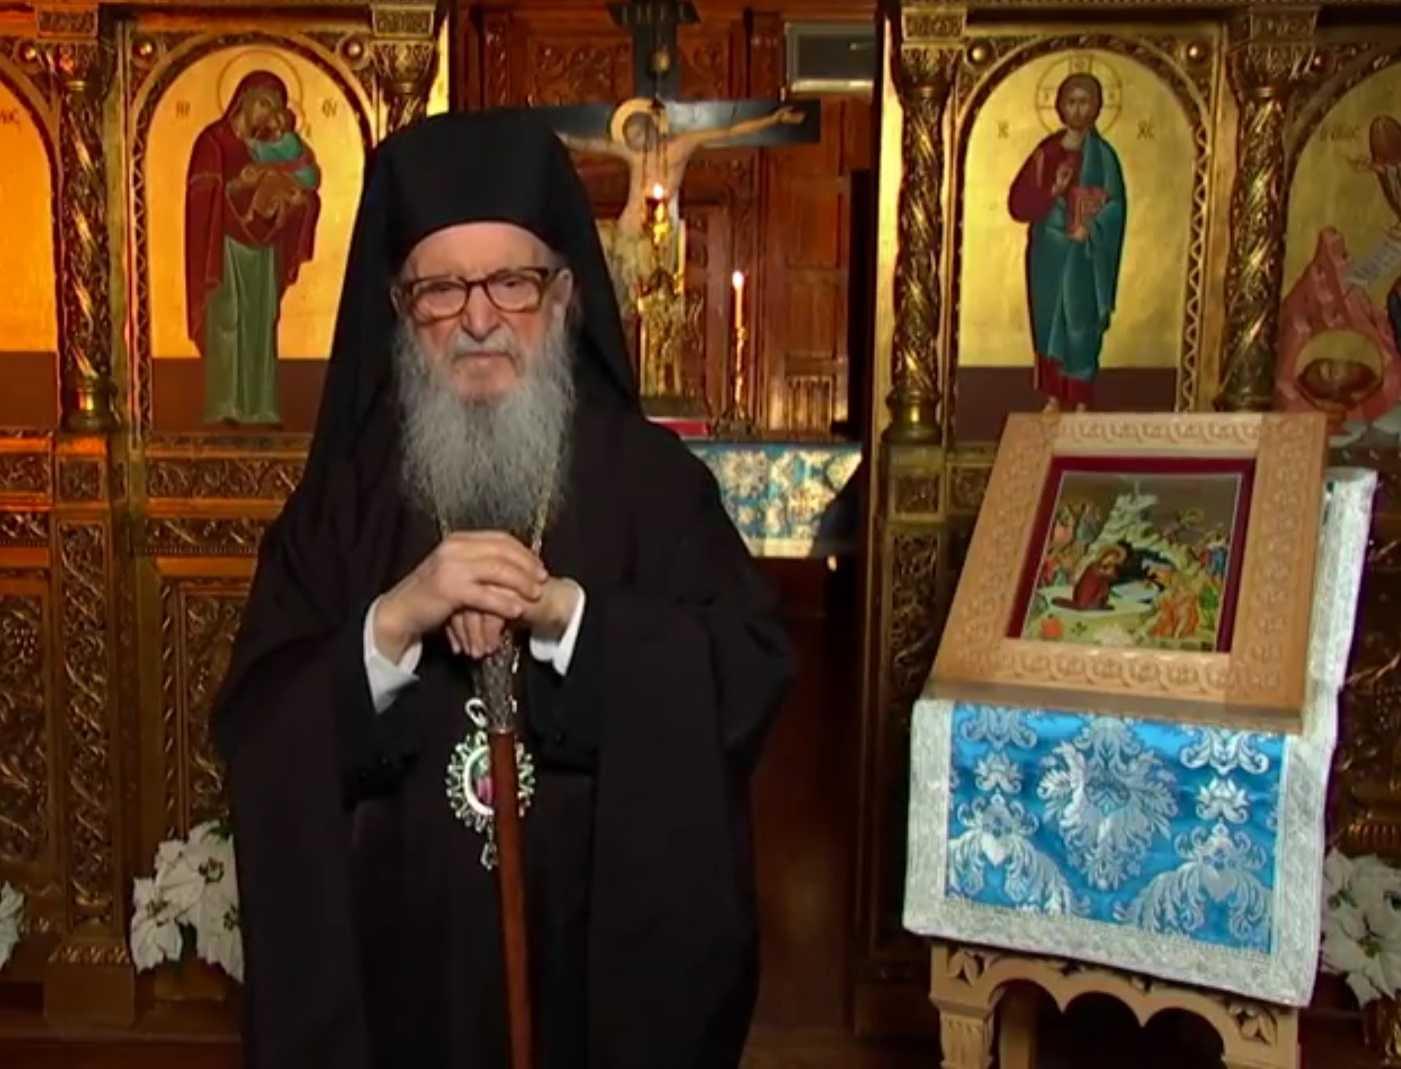 Αποτέλεσμα εικόνας για Αρχιεπίσκοπος Αμερικής Δημήτριος